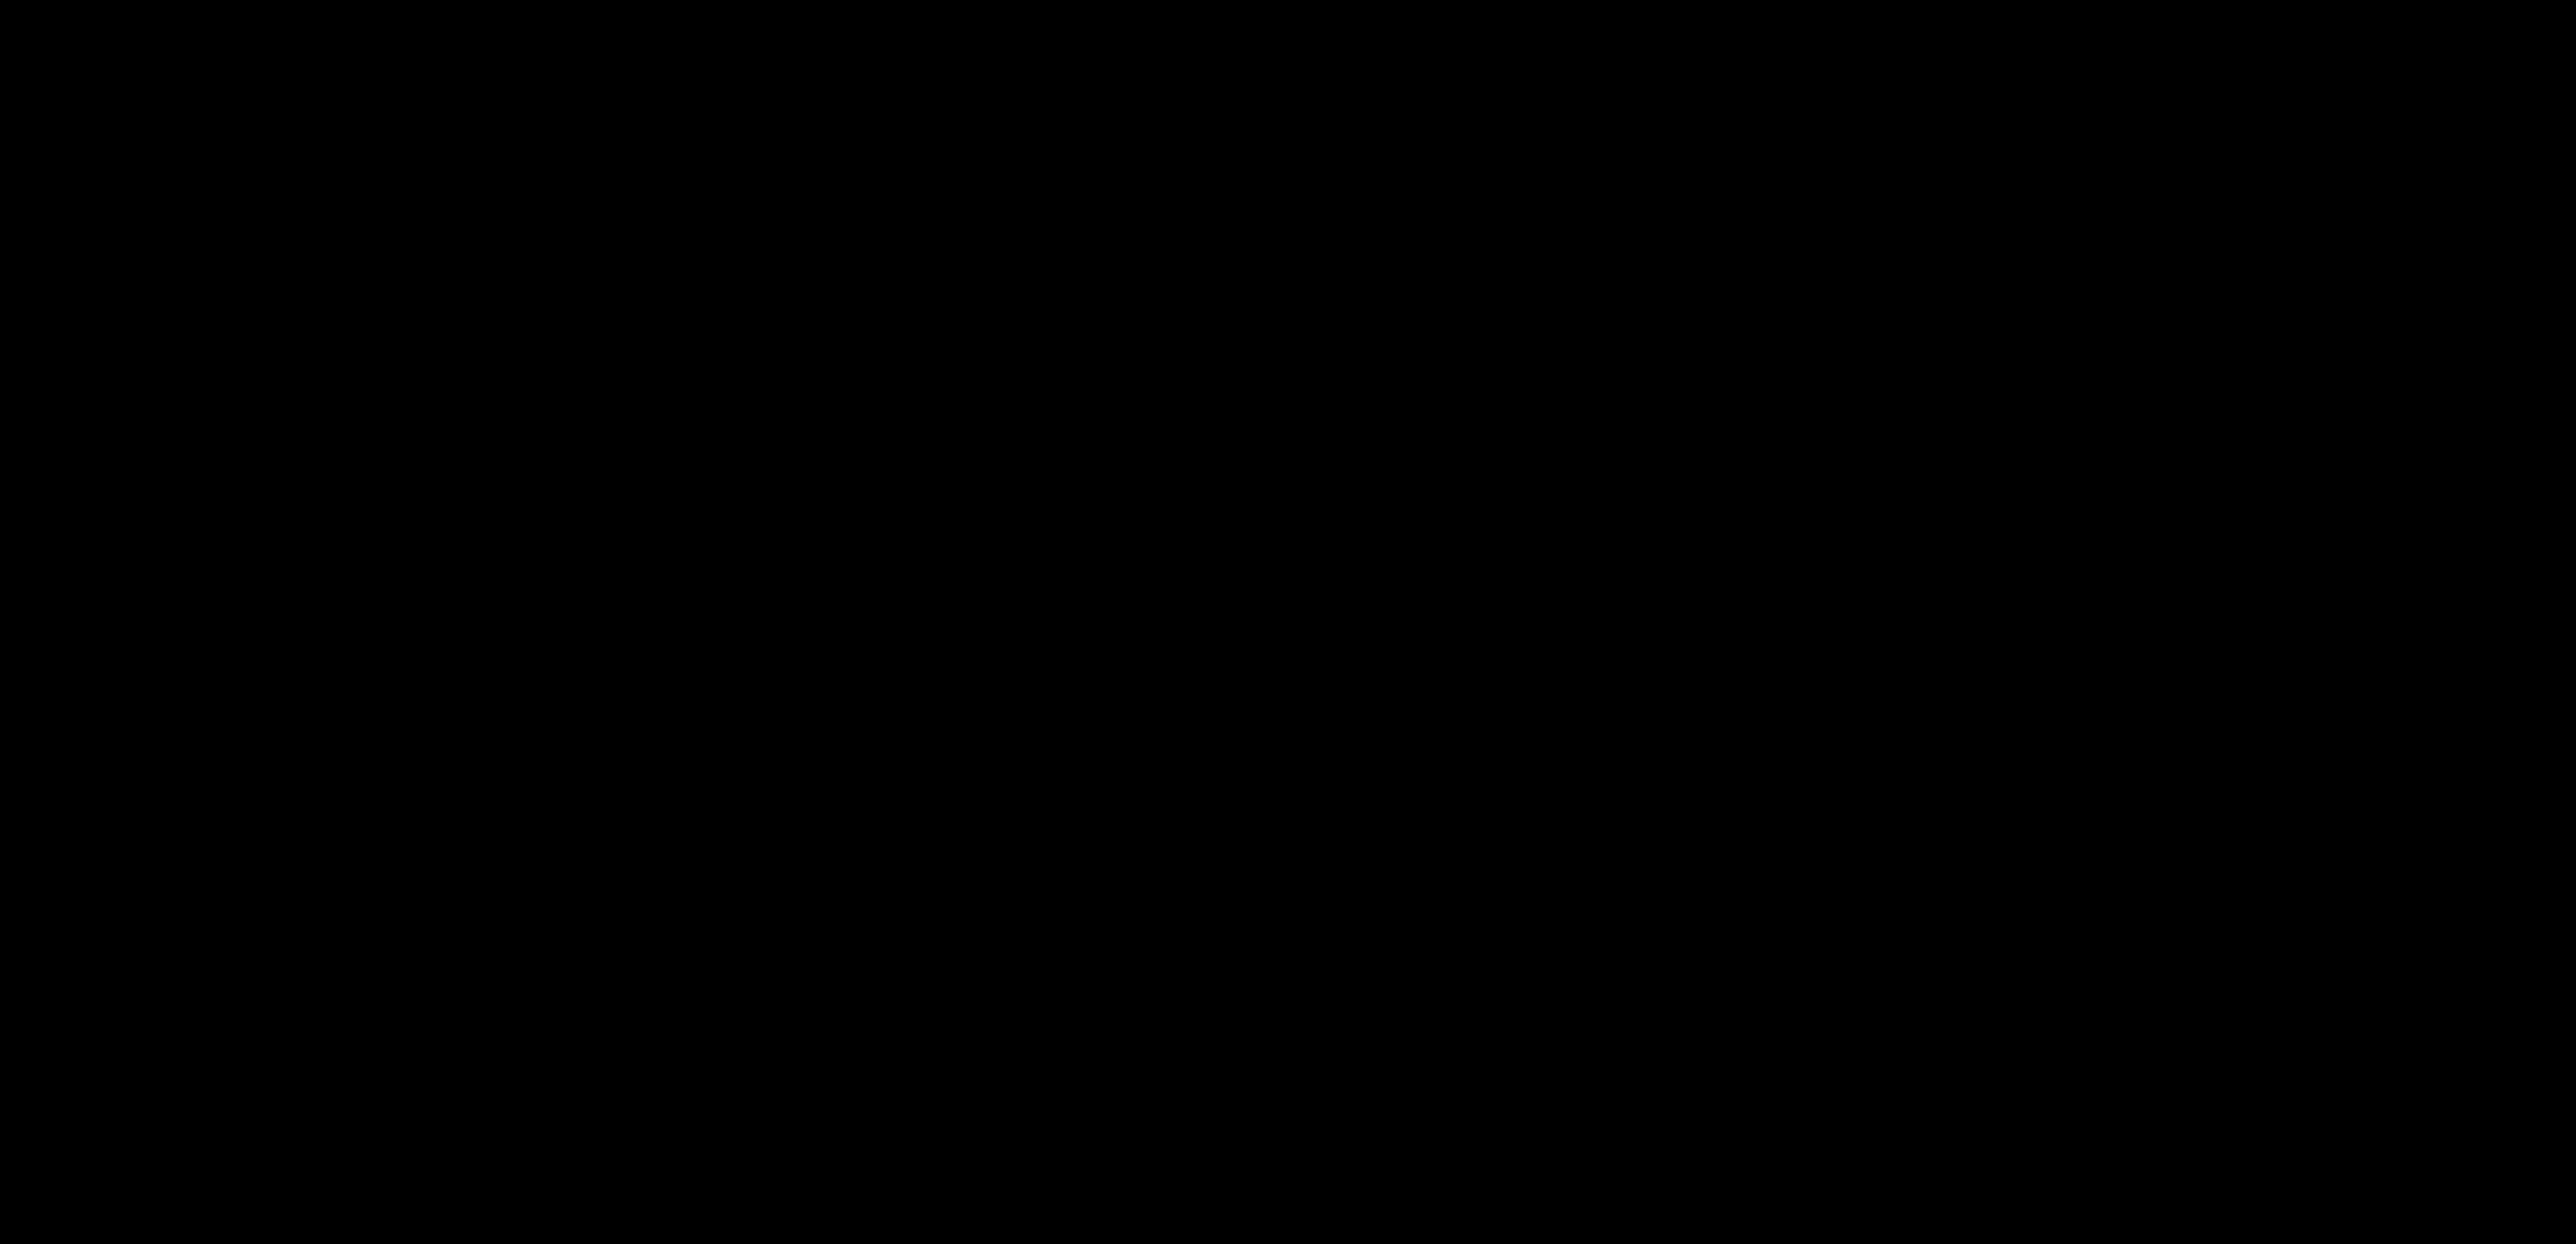 Vous avez innové ? Faites découvrir votre innovation à toute l'industrie !